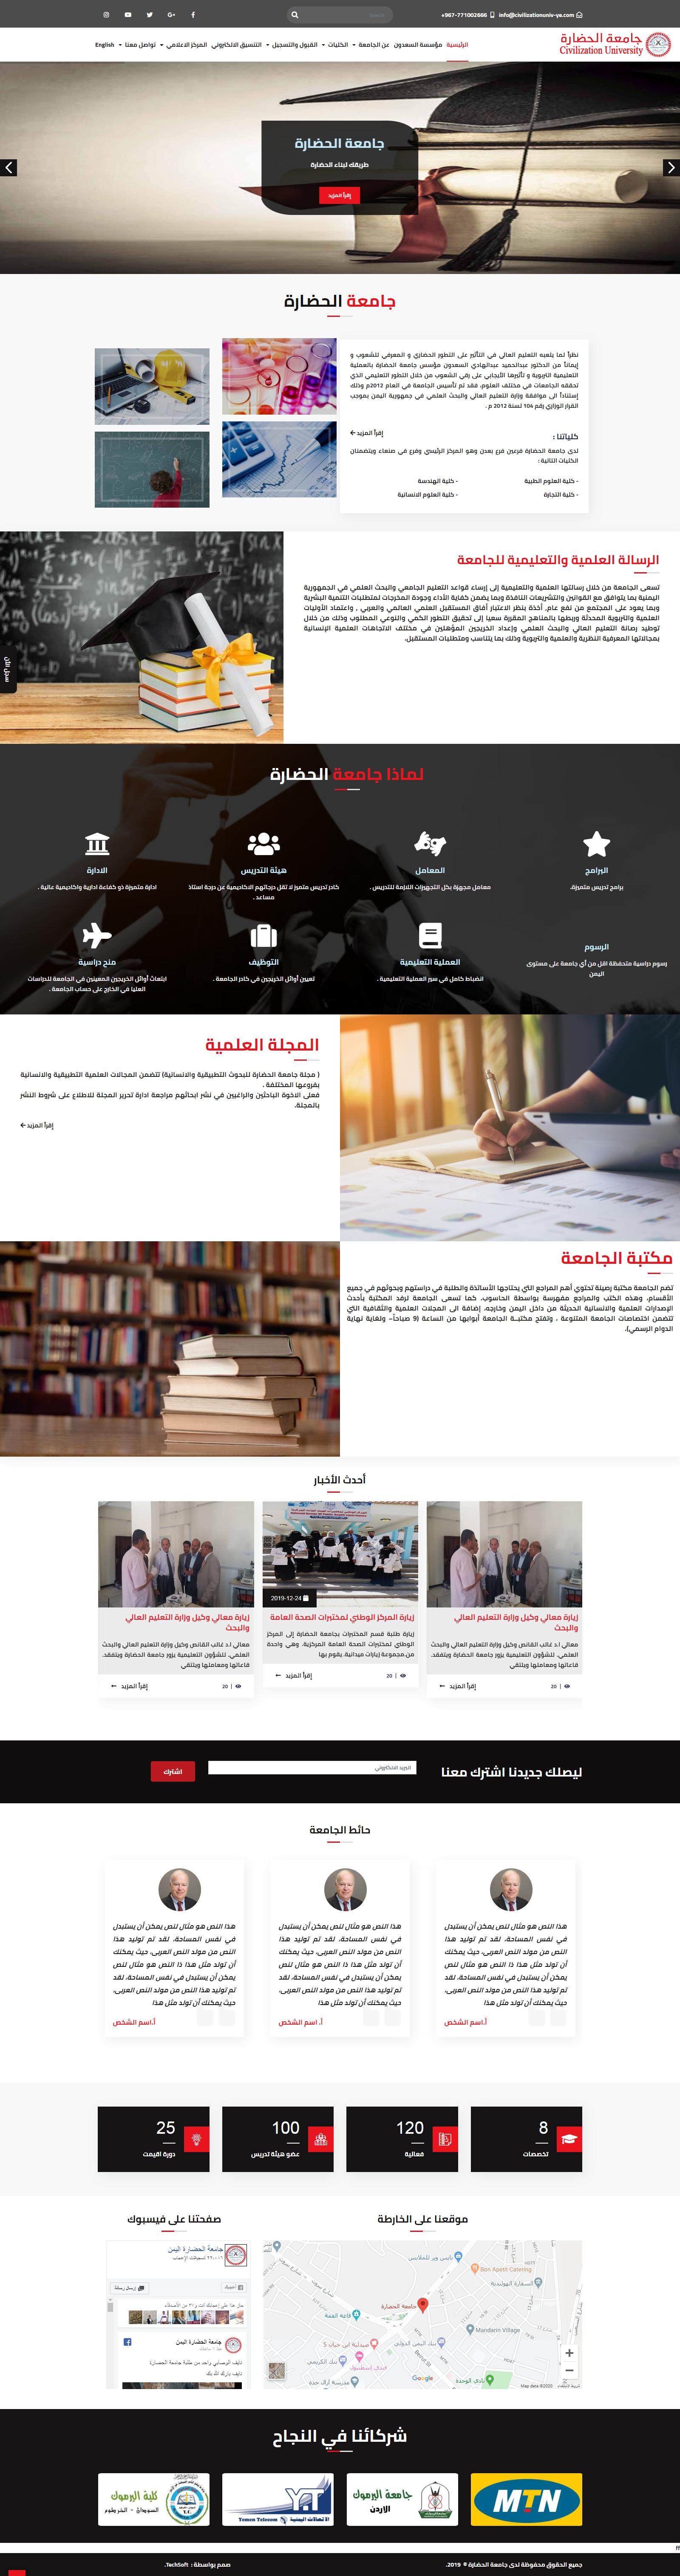 افتتاح موقع جامعة الحضارة باليمن